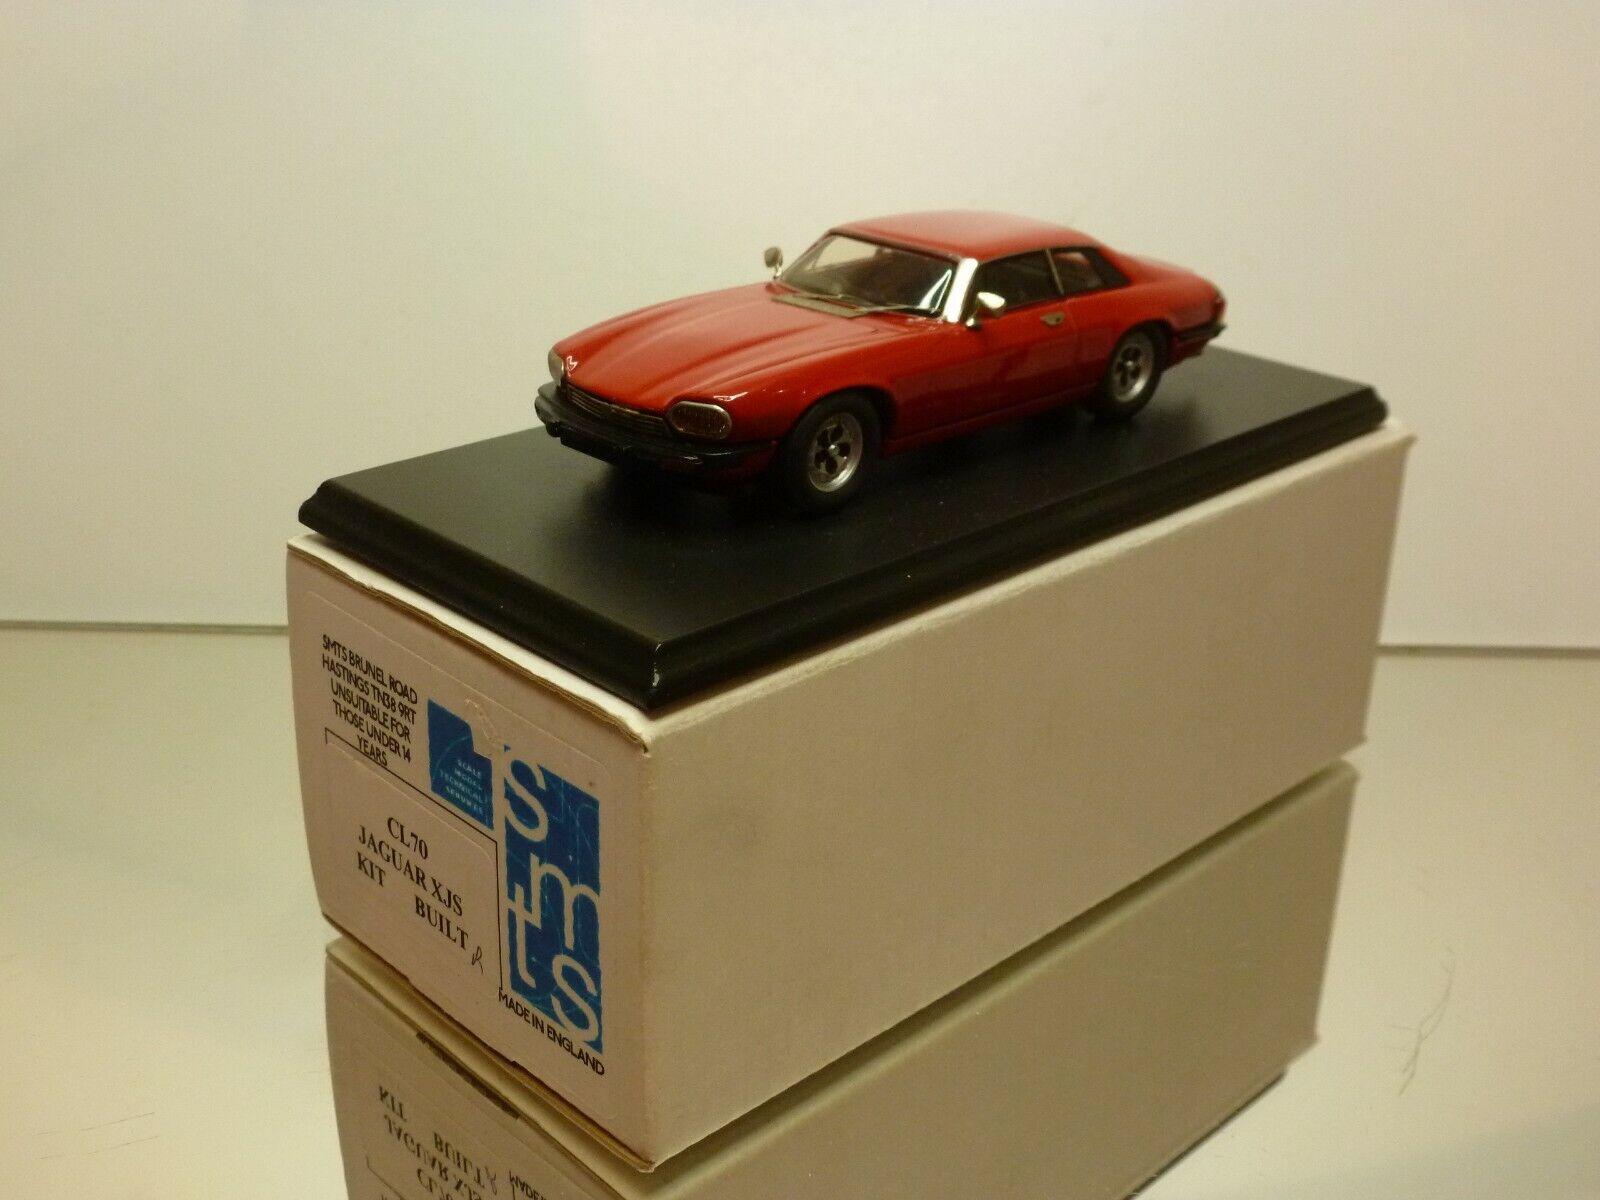 Precio al por mayor y calidad confiable. SMTS CL70 JAGUAR XJS V12 -  rojo rojo rojo 1 43 - EXCELLENT IN BOX  a la venta